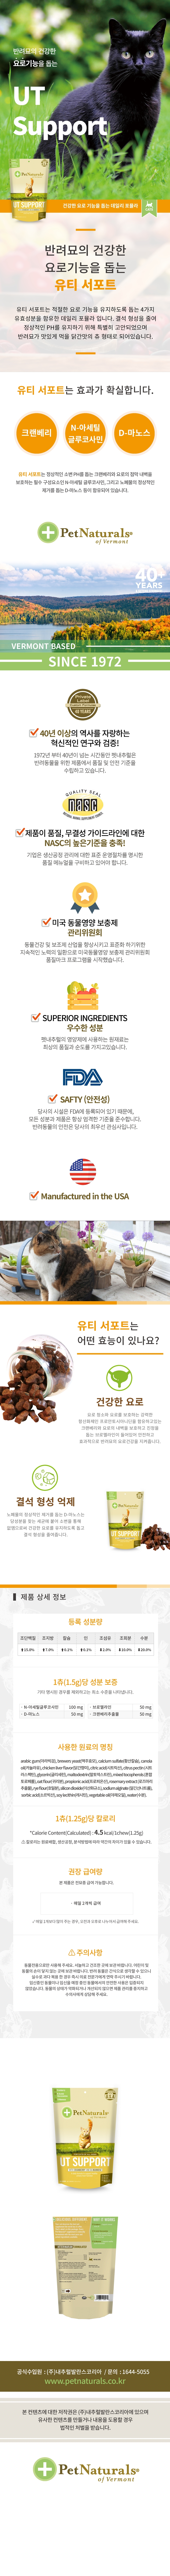 펫내추럴 유티 서포트 60정